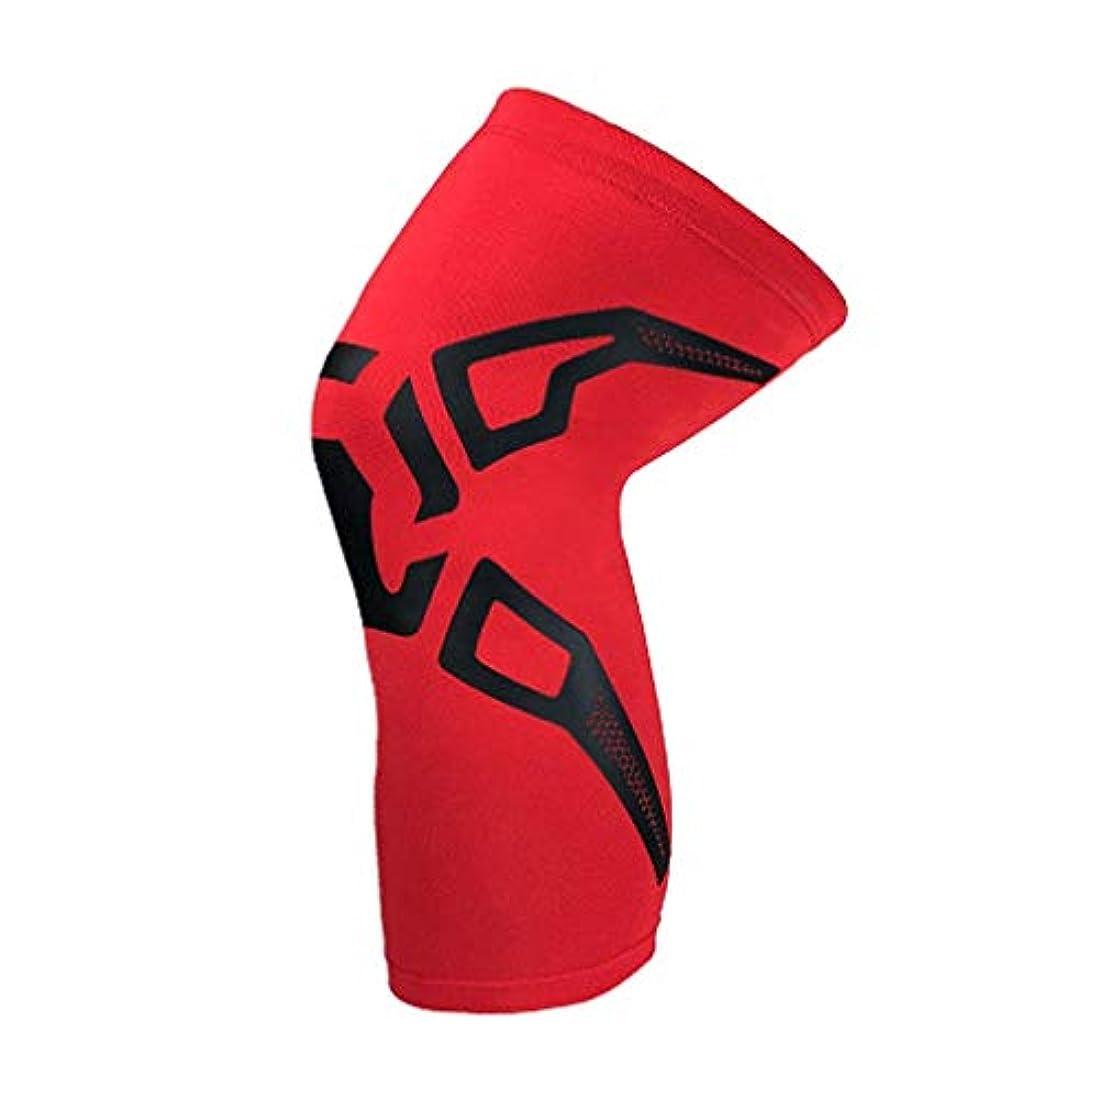 あいまいさリーフレット申込み膝サポート圧縮スリーブ膝ブレーストレーニング用弾性膝パッド-Rustle666